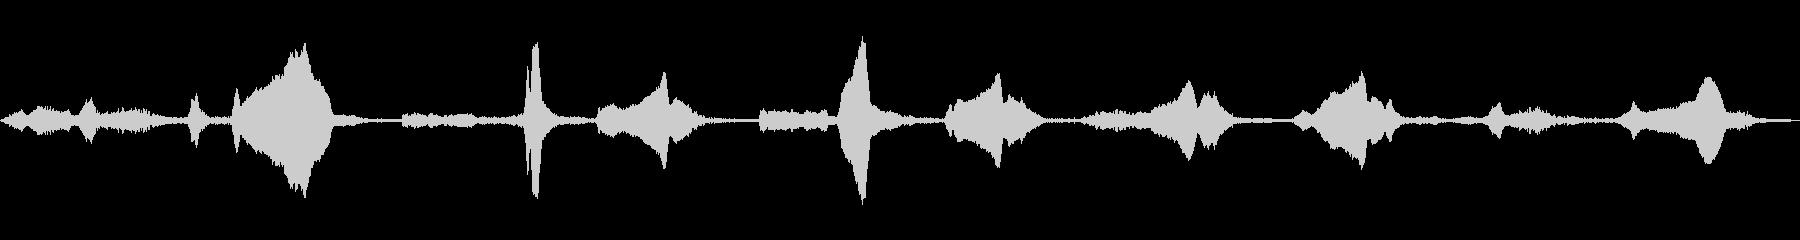 アコード、図8のパターンでの一連の...の未再生の波形